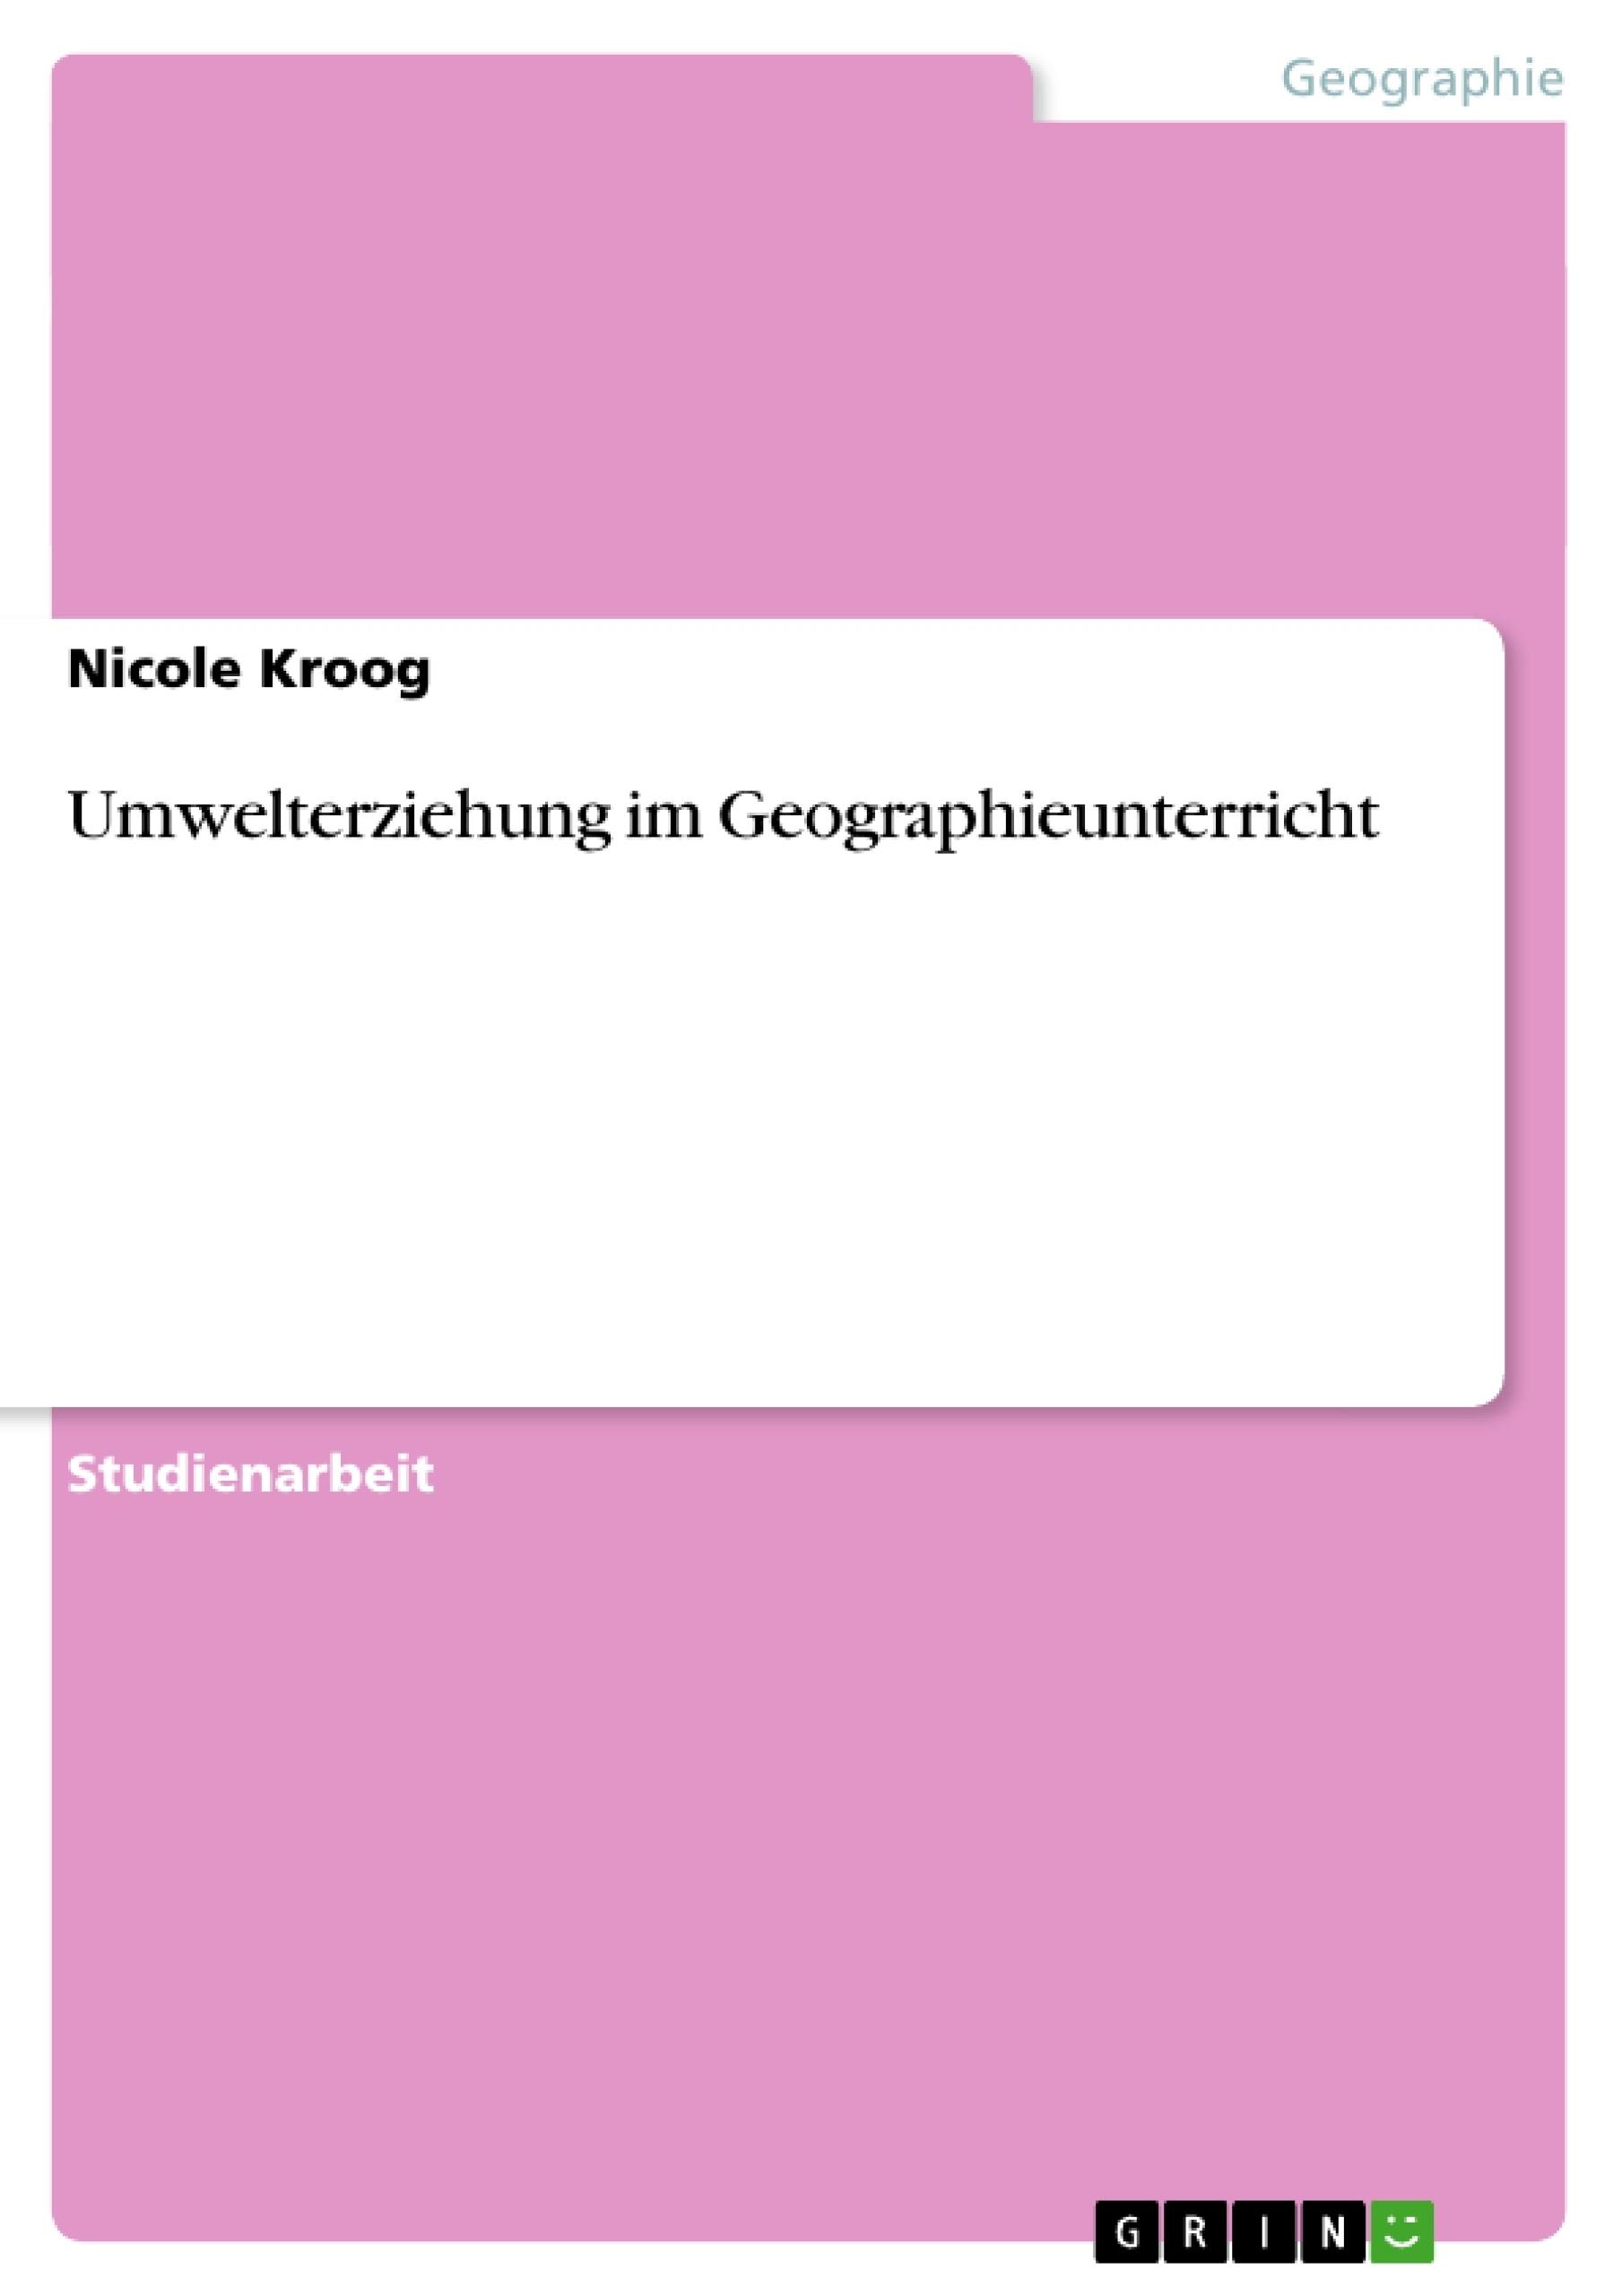 Titel: Umwelterziehung im Geographieunterricht